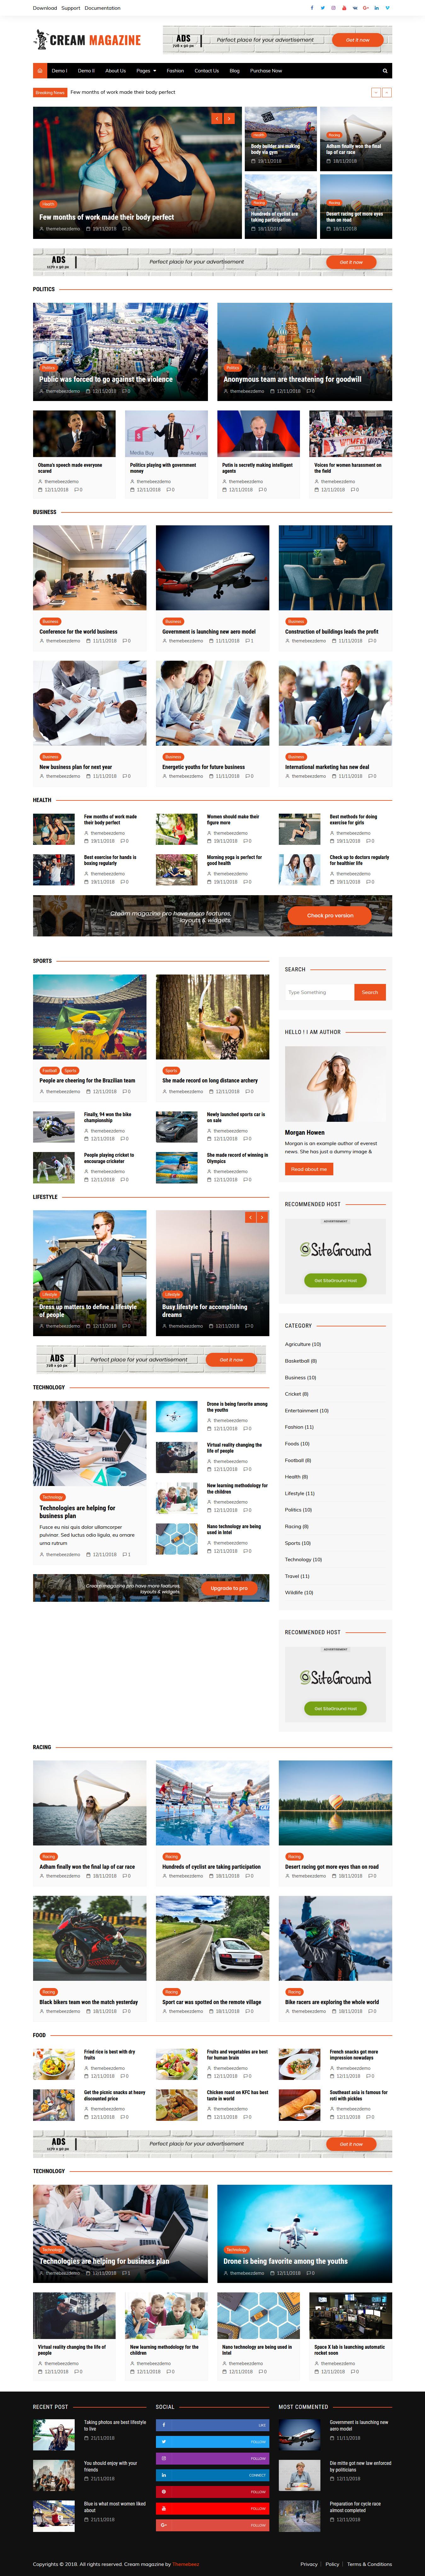 cream magazine best free review wordpress theme - 10+ Best Free Review WordPress Themes